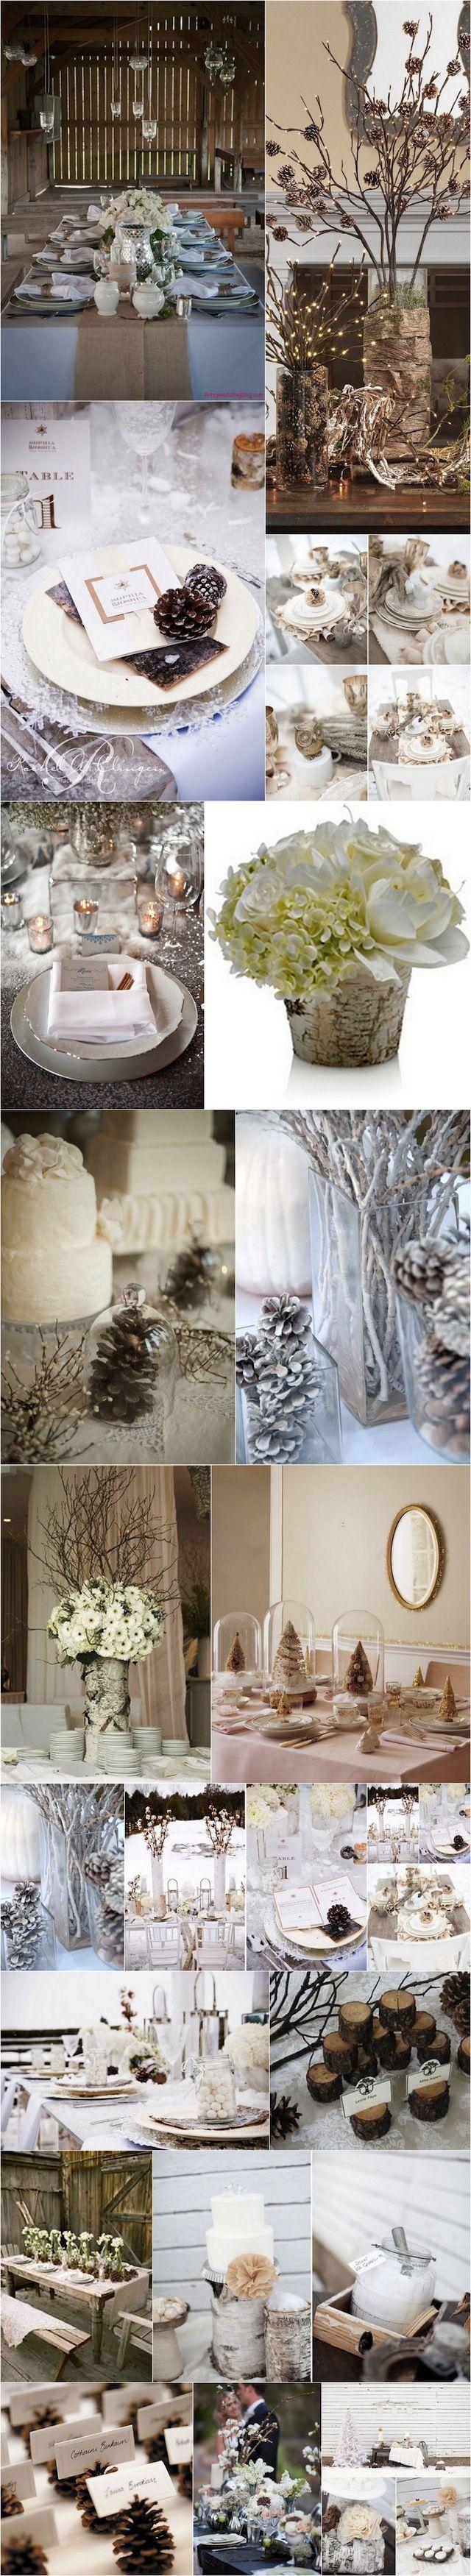 Les féeries d'un mariage en hiver